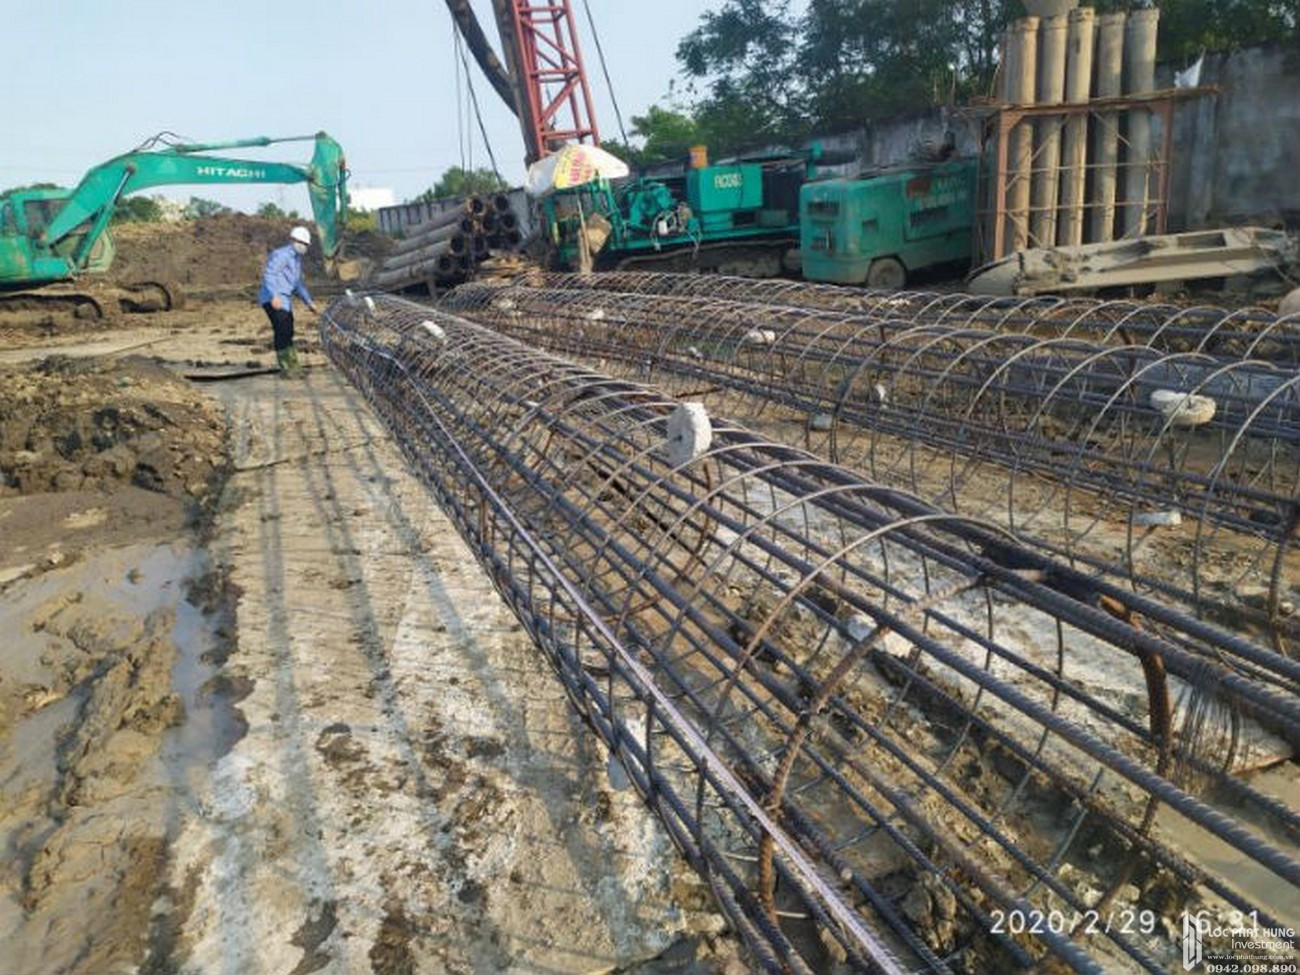 Tiến độ xây dựng dự án chung cư La Partenza 02/2020 – Nhận mua bán + ký gửi + Cho Thuê